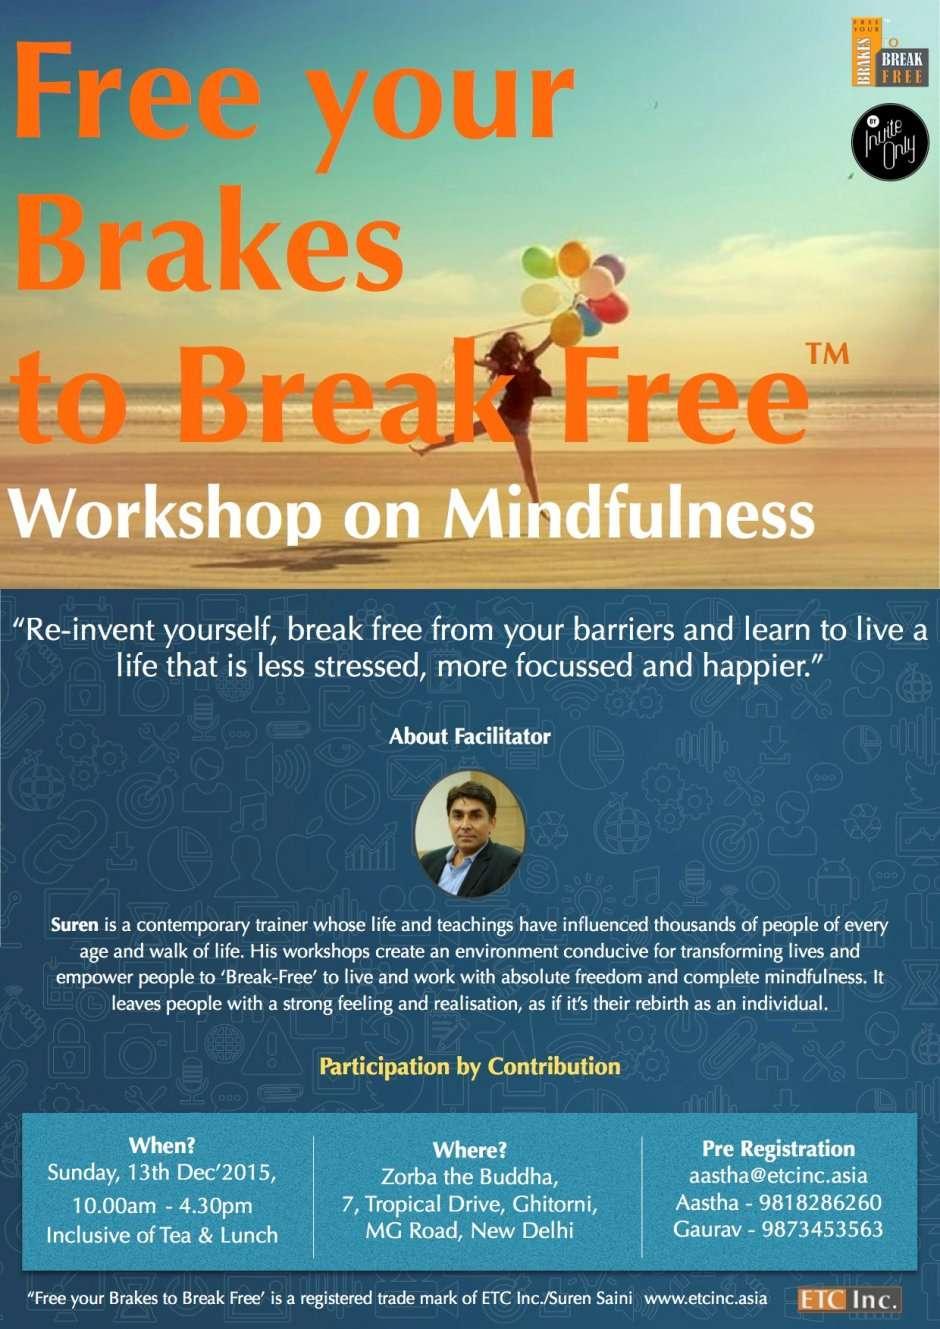 Workshop on Mindfulness